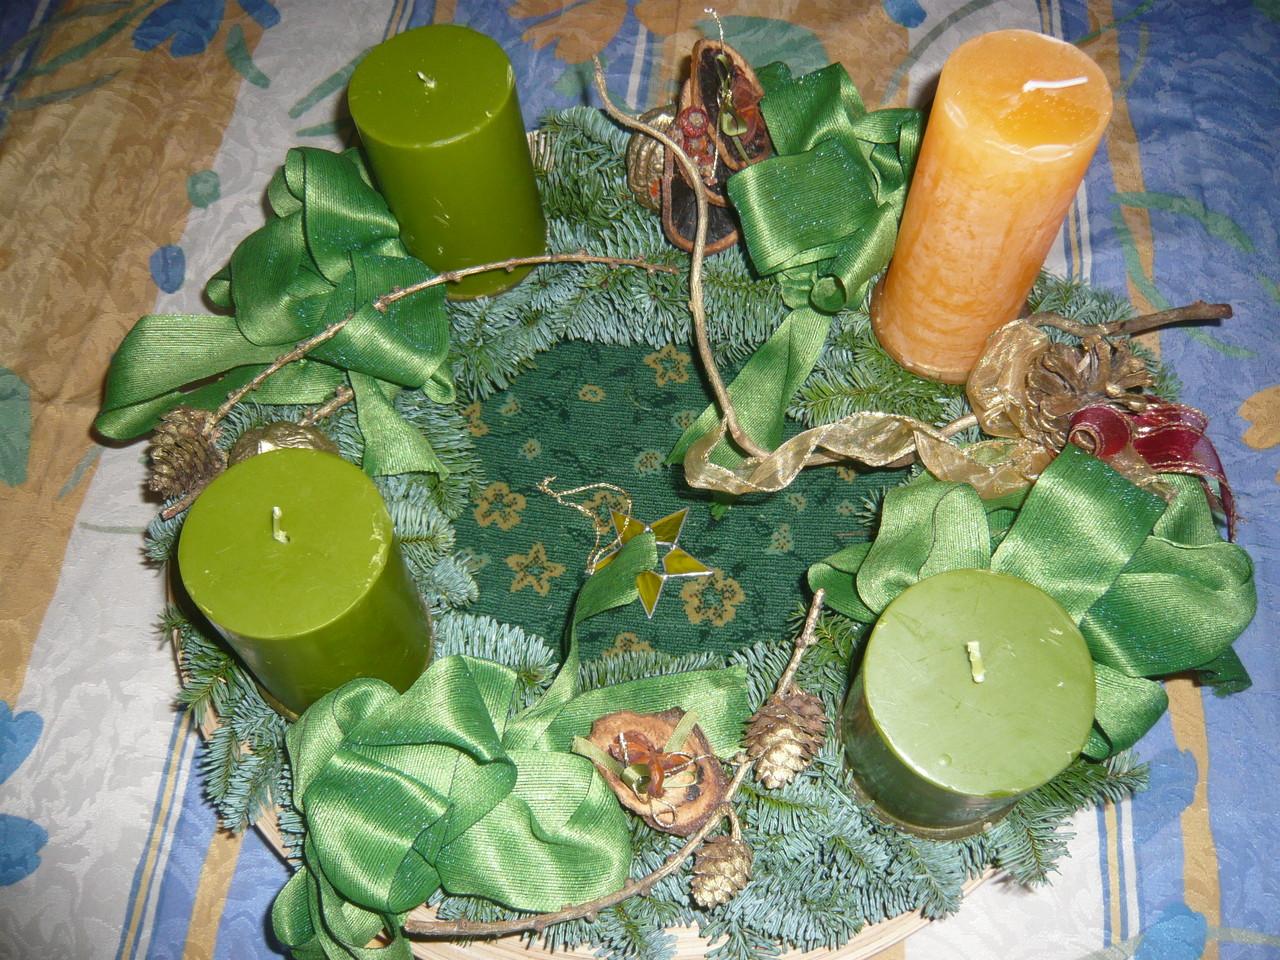 adventkranz 2013 - die farben grün und orange dominieren 2013